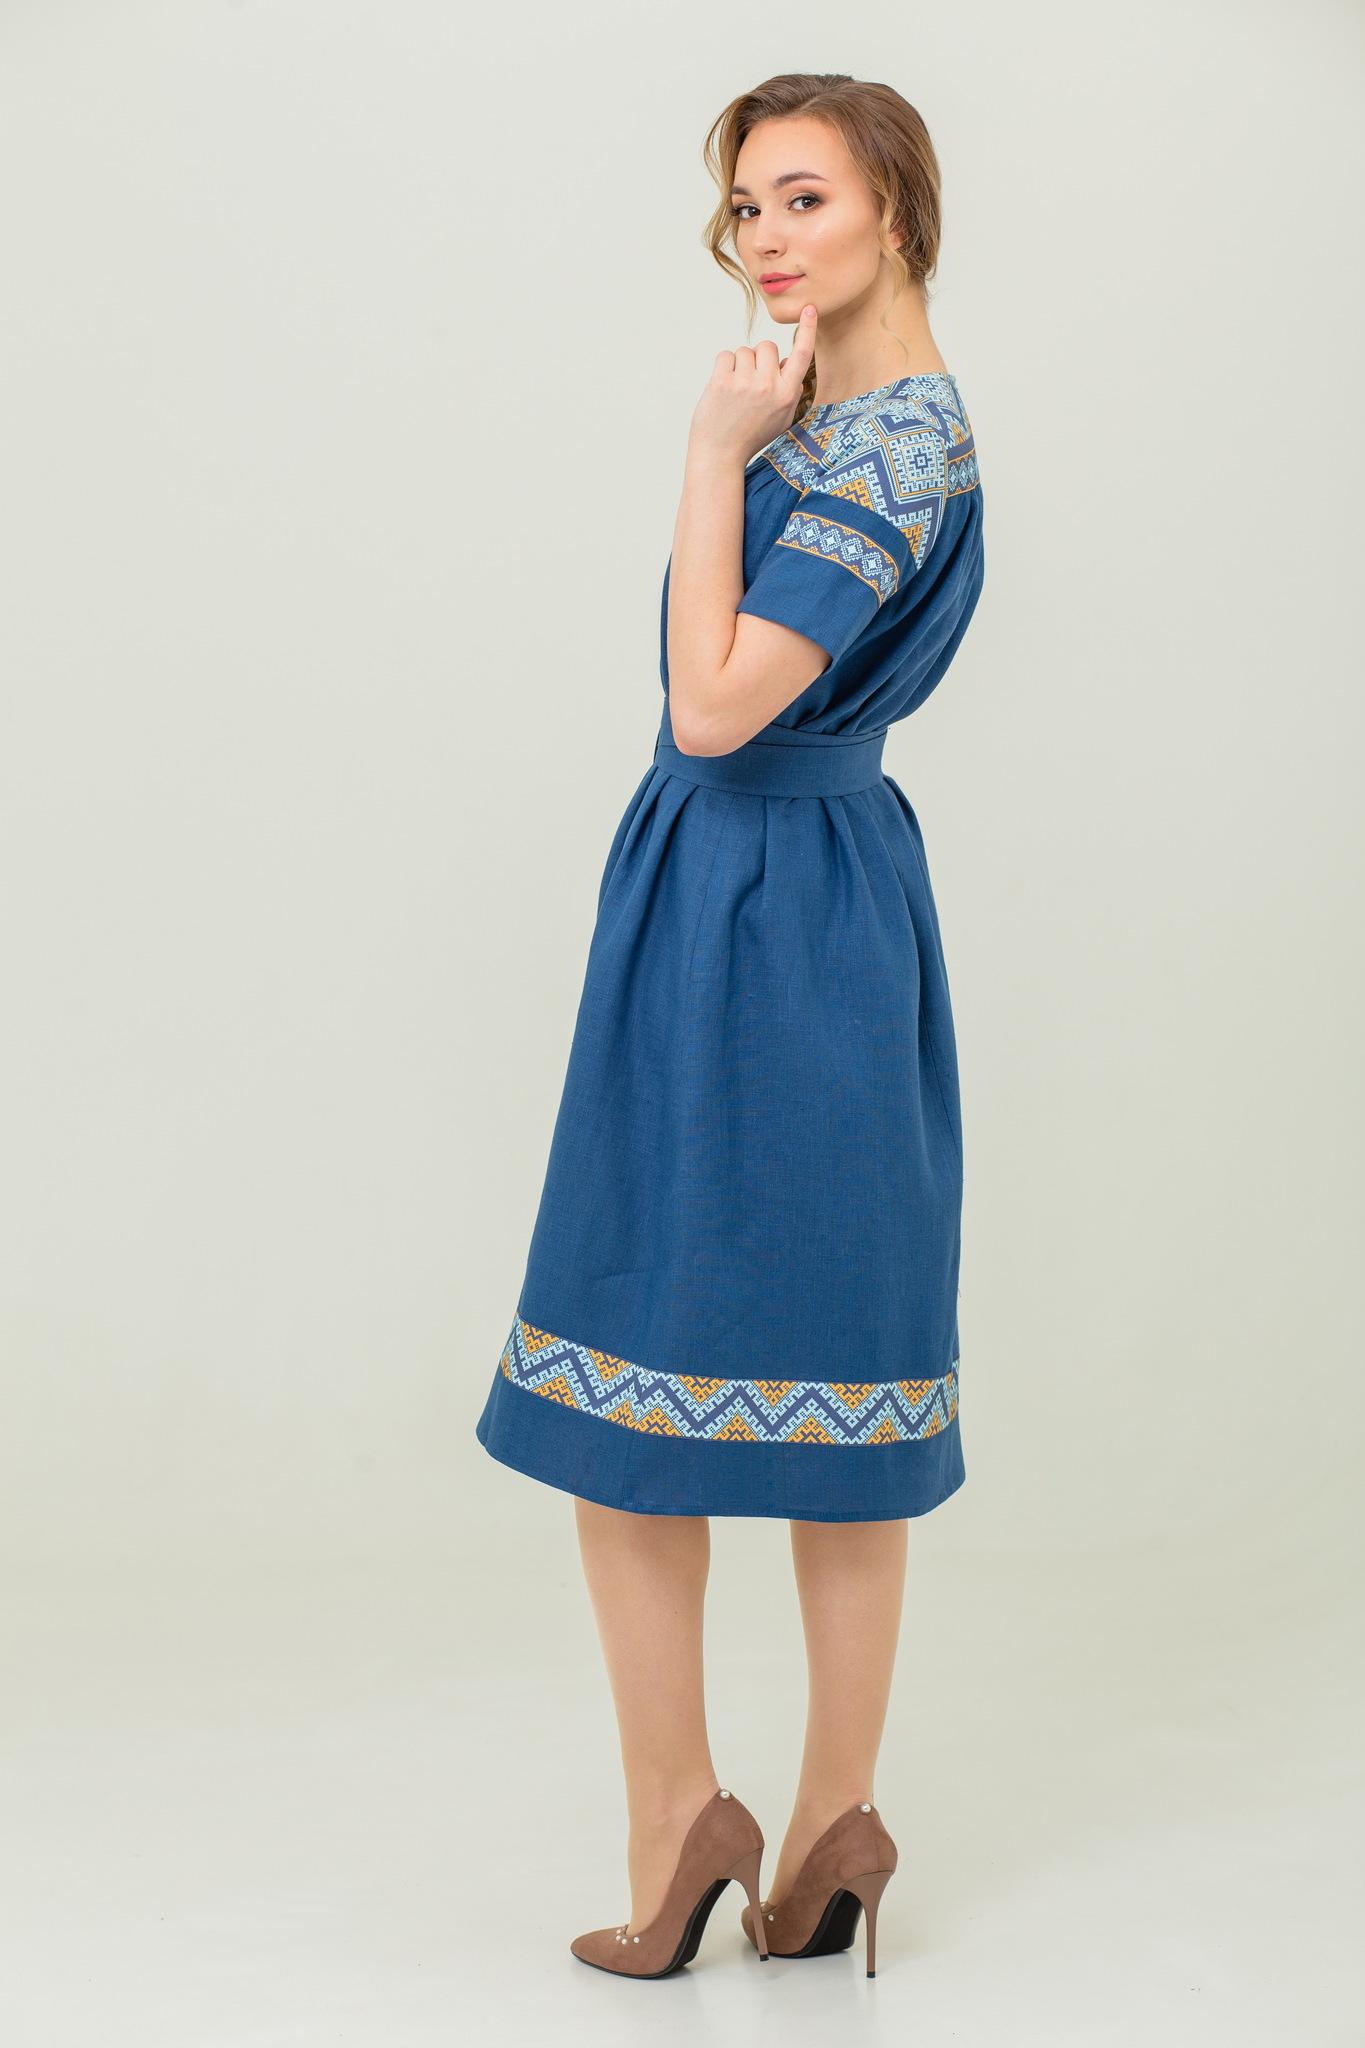 Льняное платье миди Каспийское с коротким рукавом